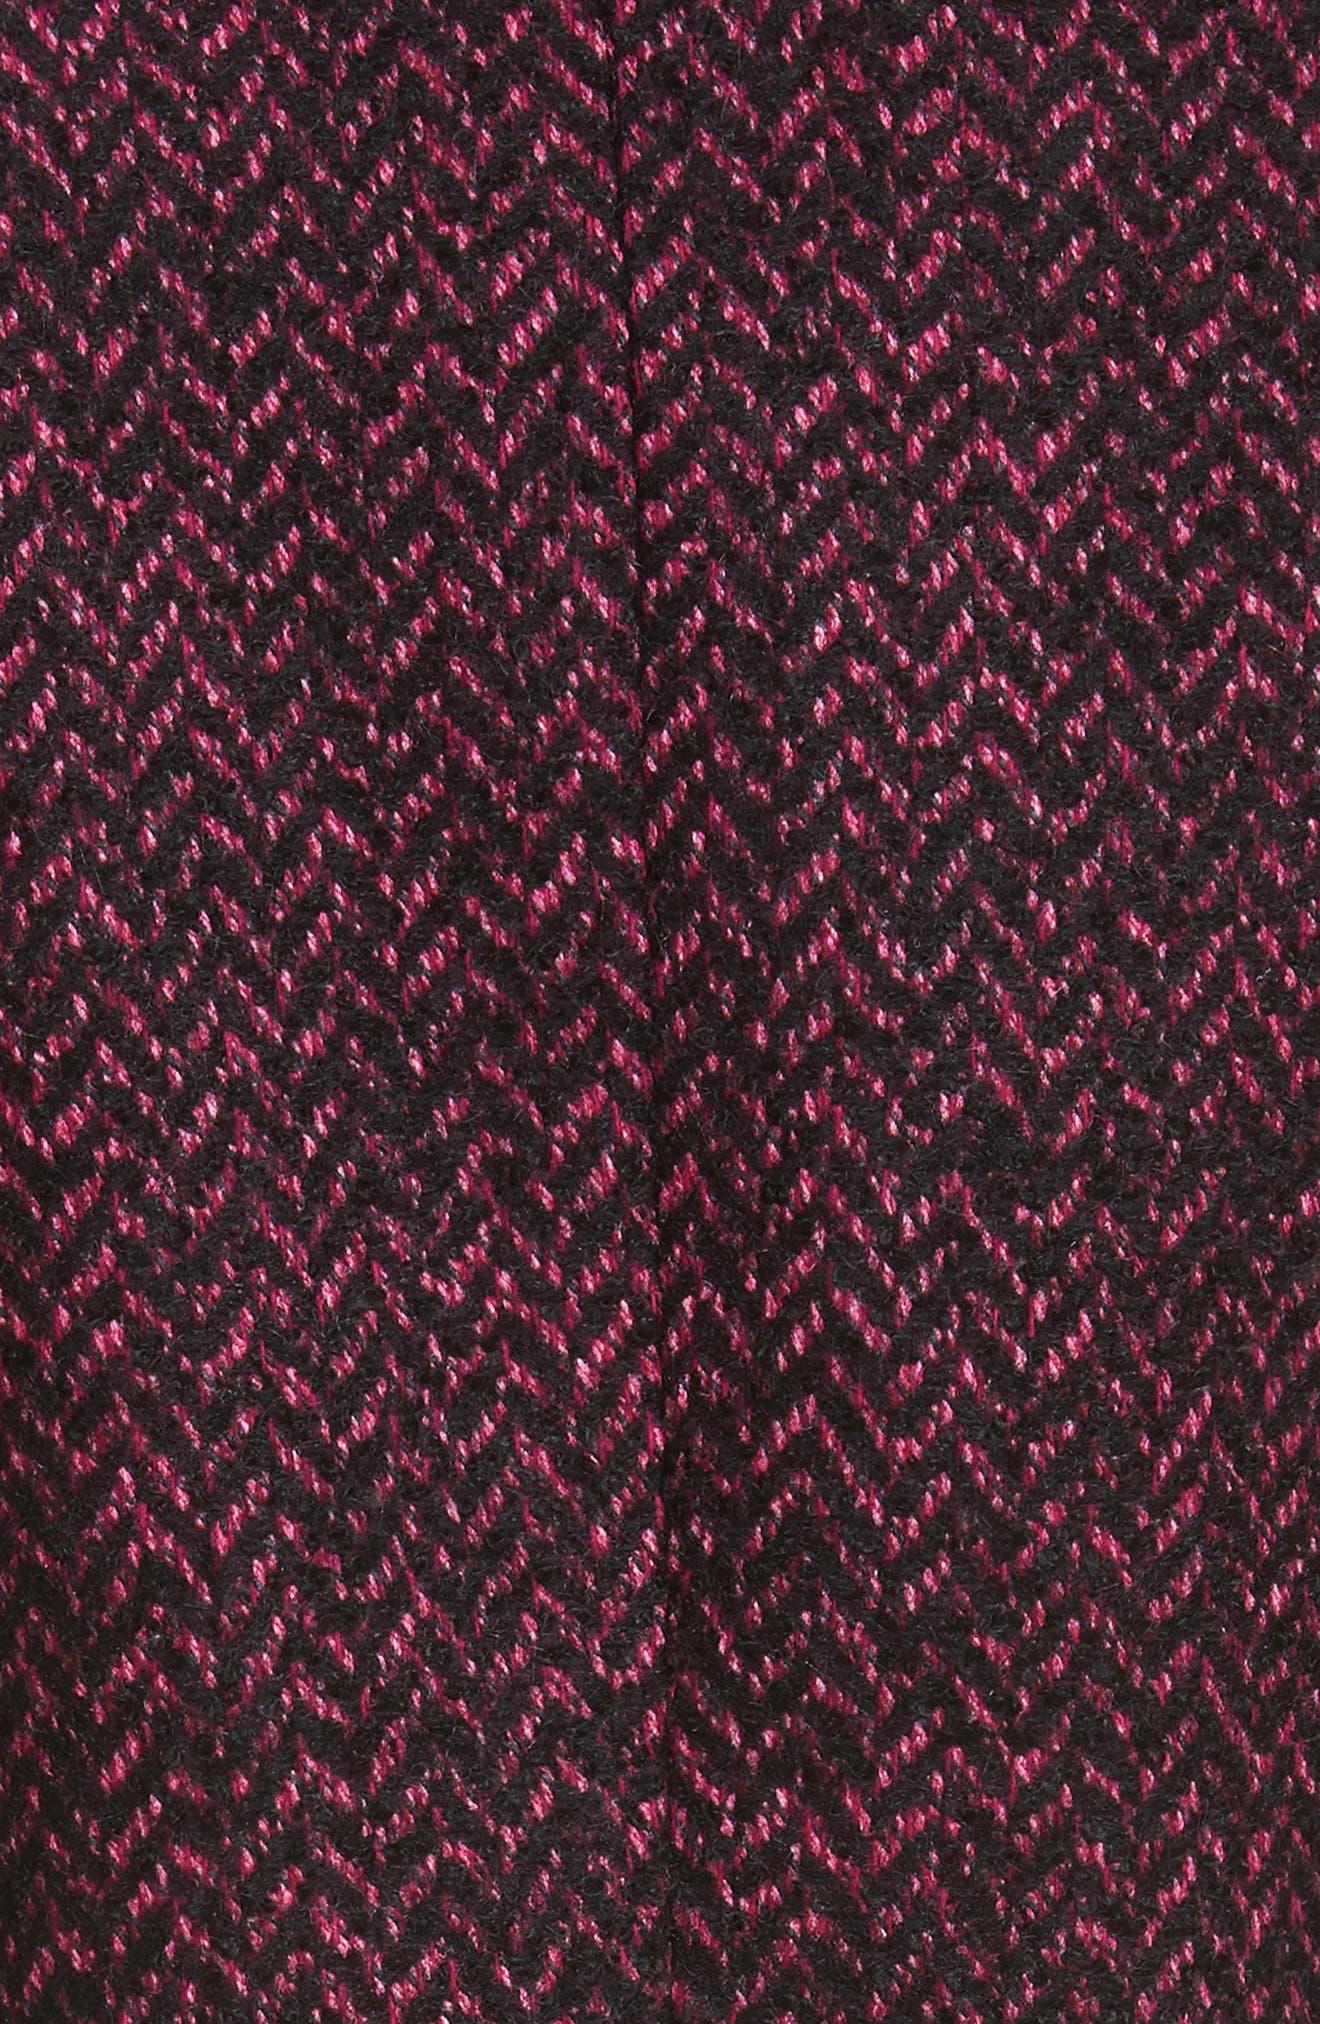 Herringbone Wool Blend Jacket,                             Alternate thumbnail 6, color,                             658